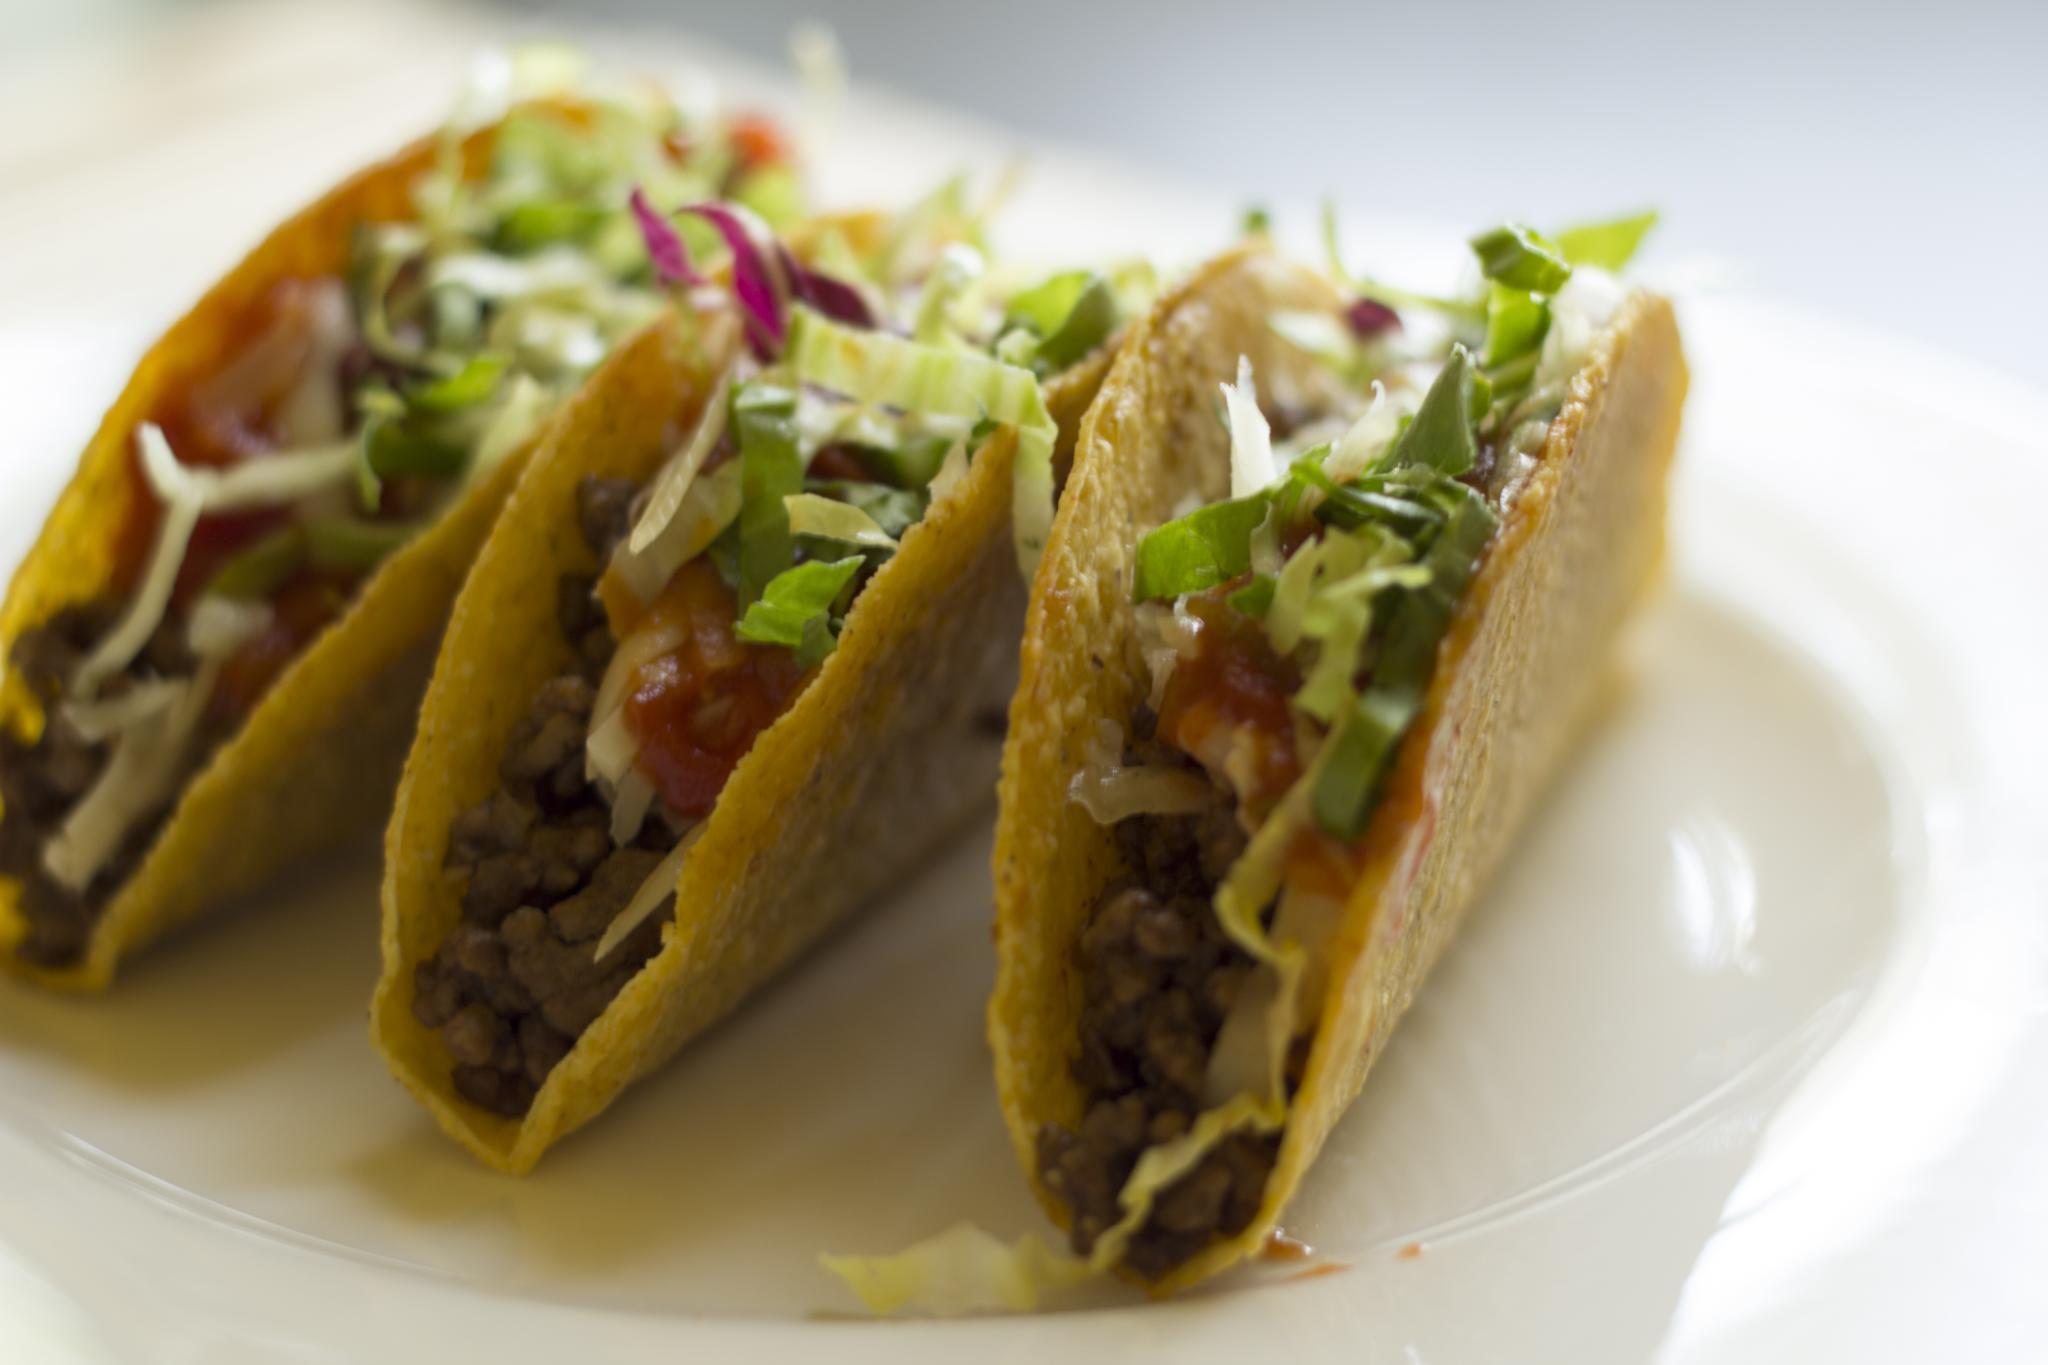 Mortar and Pestle Recipes Taco Seasoning